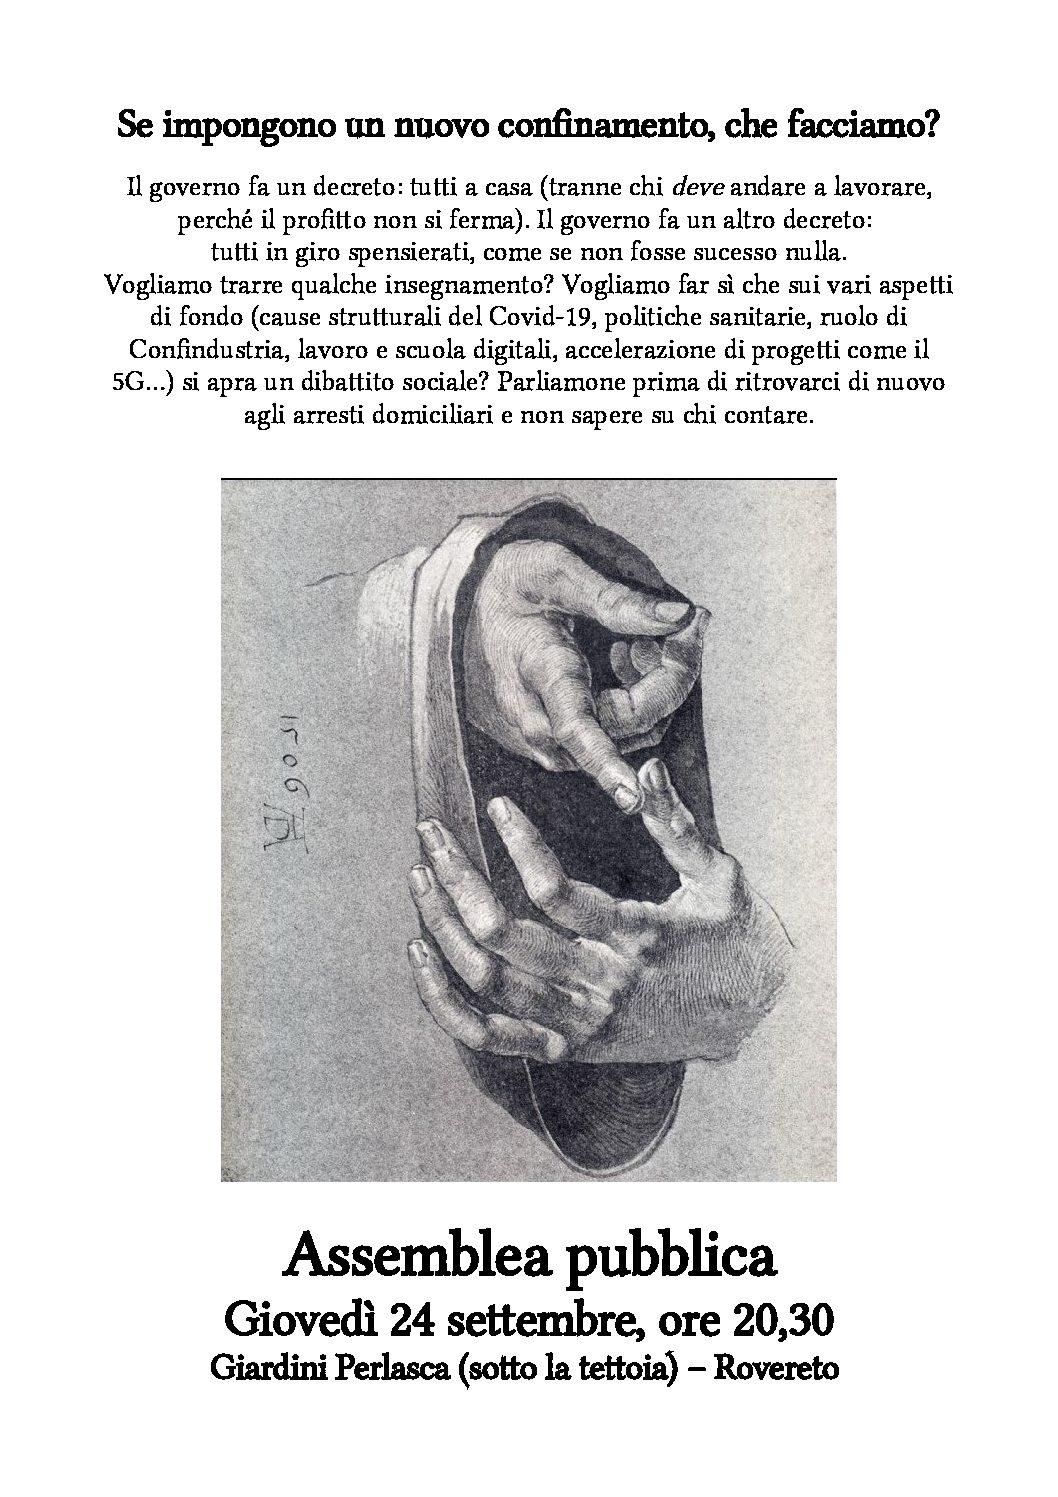 Rovereto: Assemblea pubblica il 24 settembre